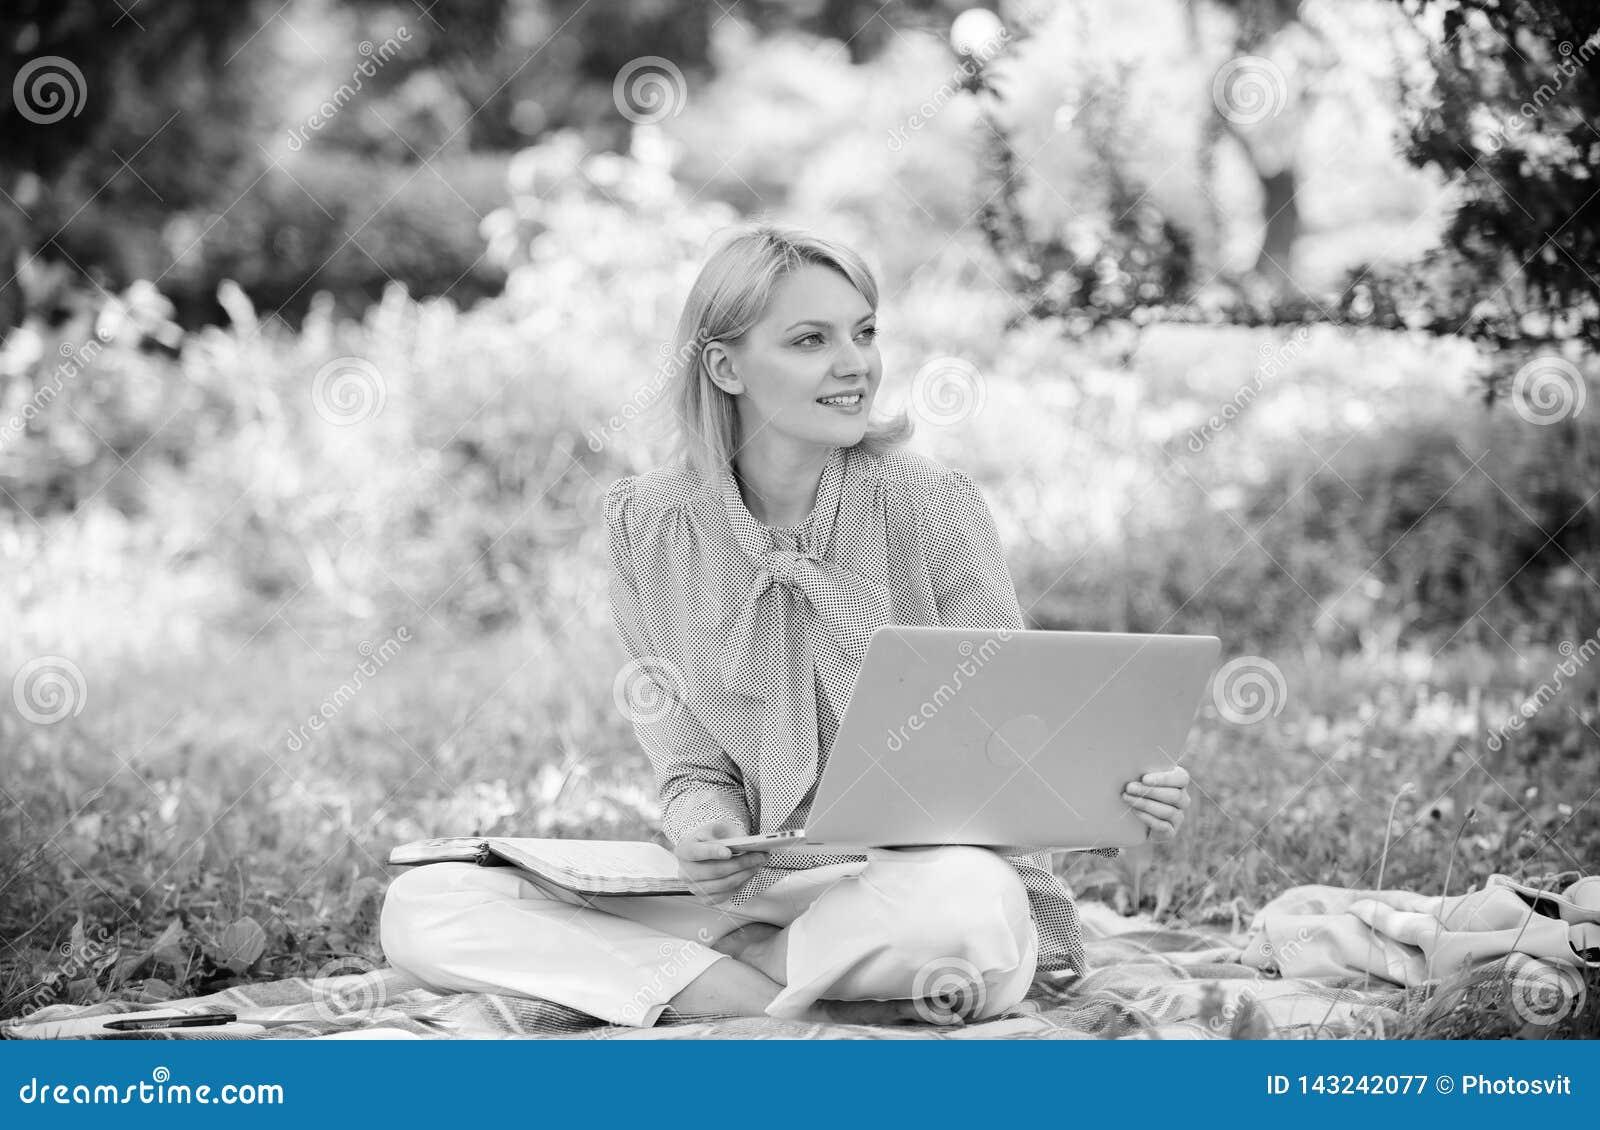 Trabajo independiente de la señora del negocio al aire libre Freelancer acertado convertido La mujer con el ordenador portátil se